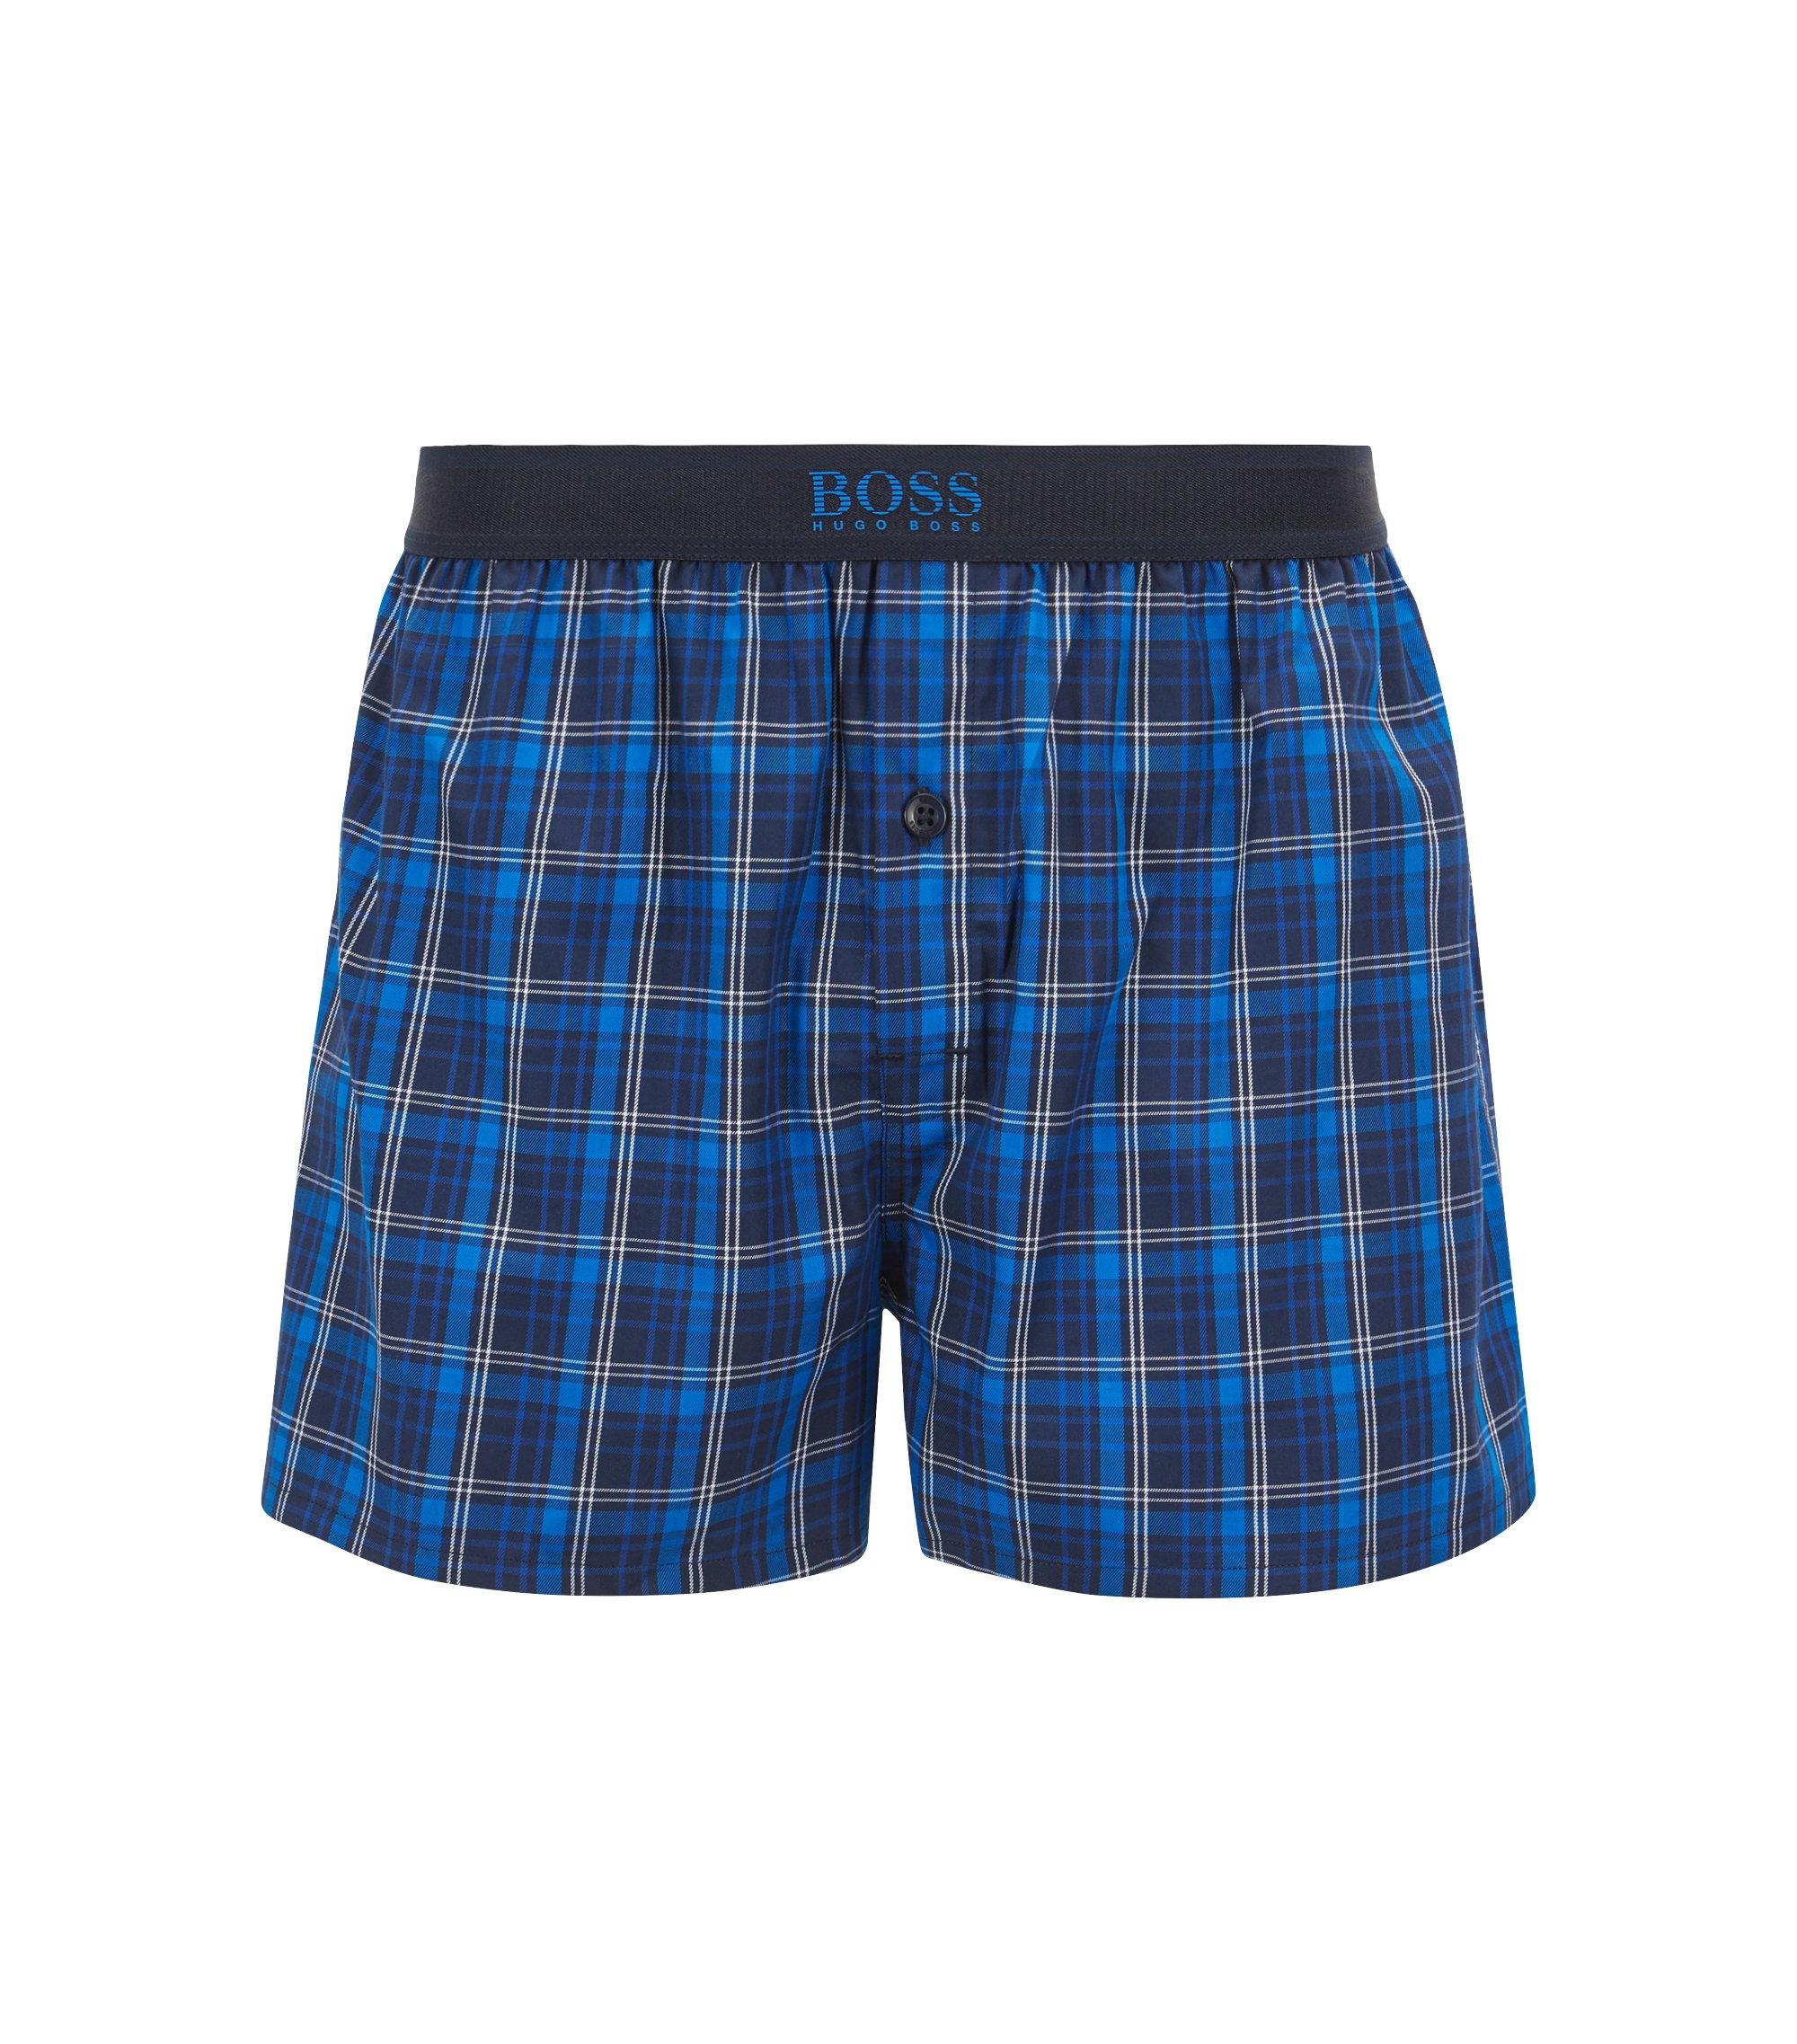 Short de pyjama en popeline de coton à carreaux, avec ceinture logo, Bleu